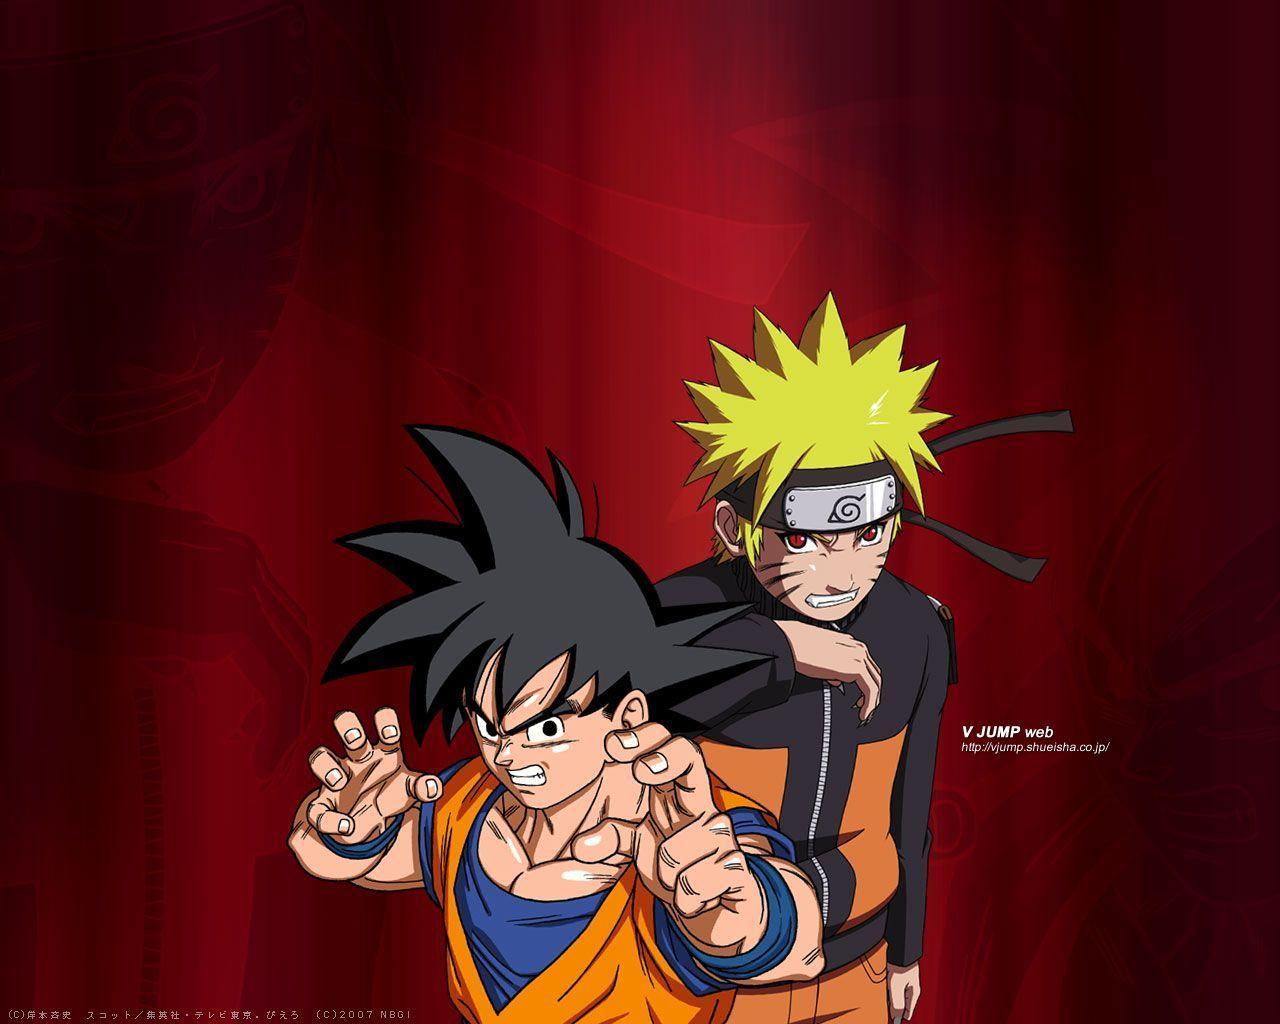 Goku And Naruto Wallpapers Wallpaper Cave Naruto Wallpaper